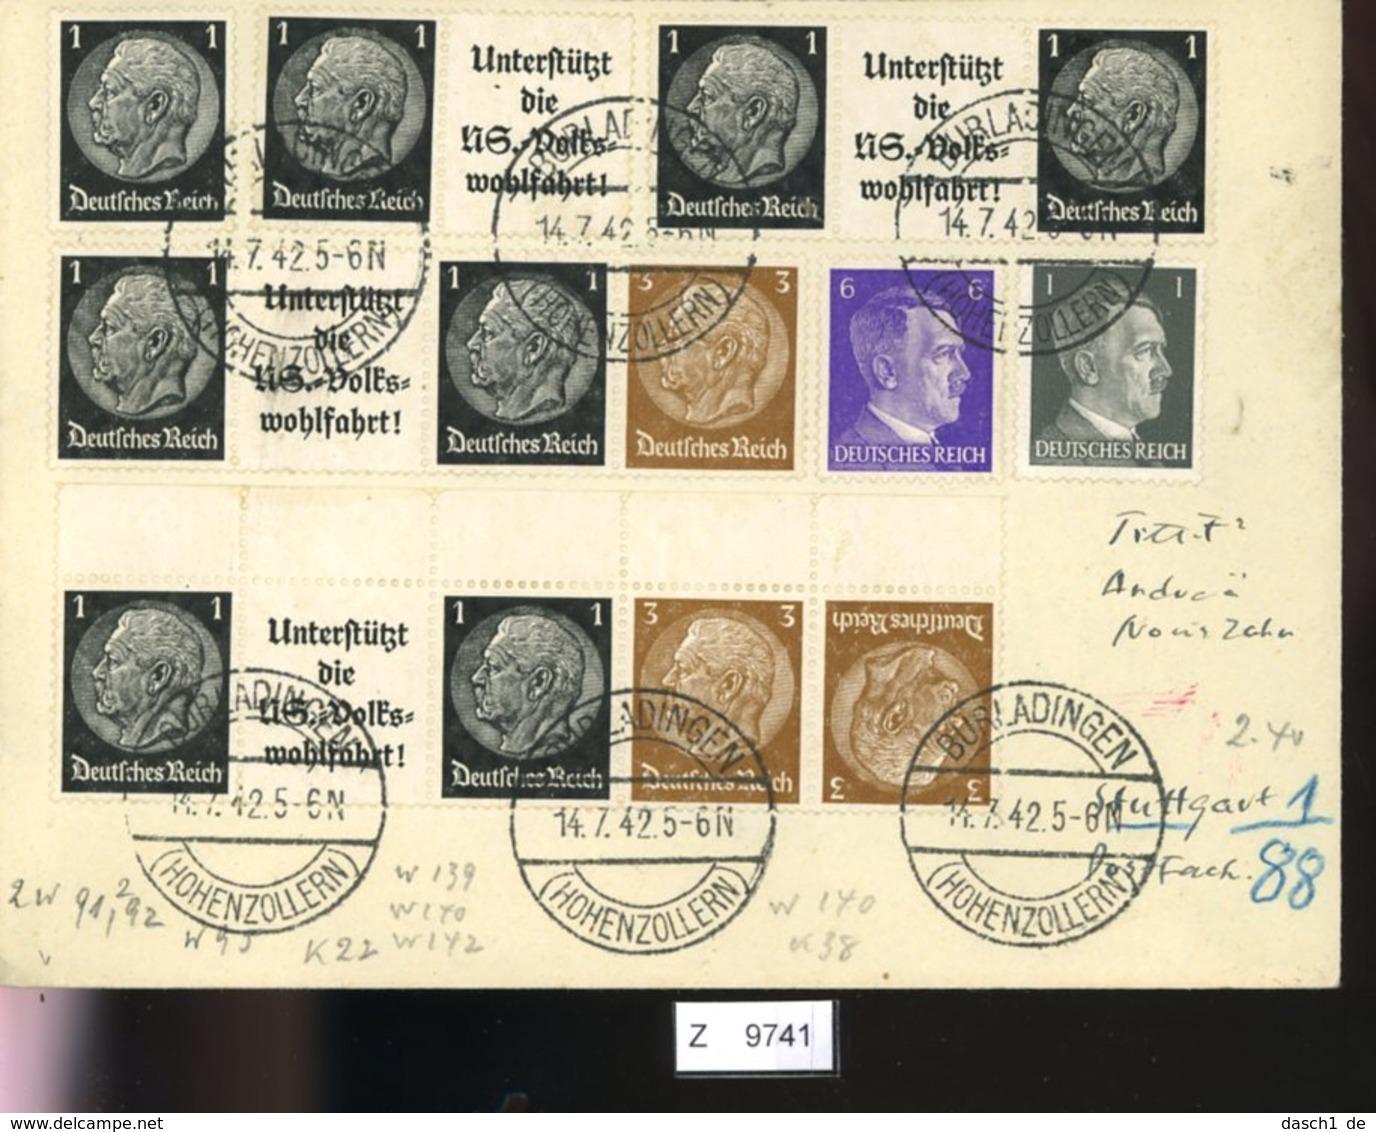 Deutsches Reich, Brief Aus Gebrauchspost Mit Zusammendruck: W 91, W 92, K 22 - Zusammendrucke